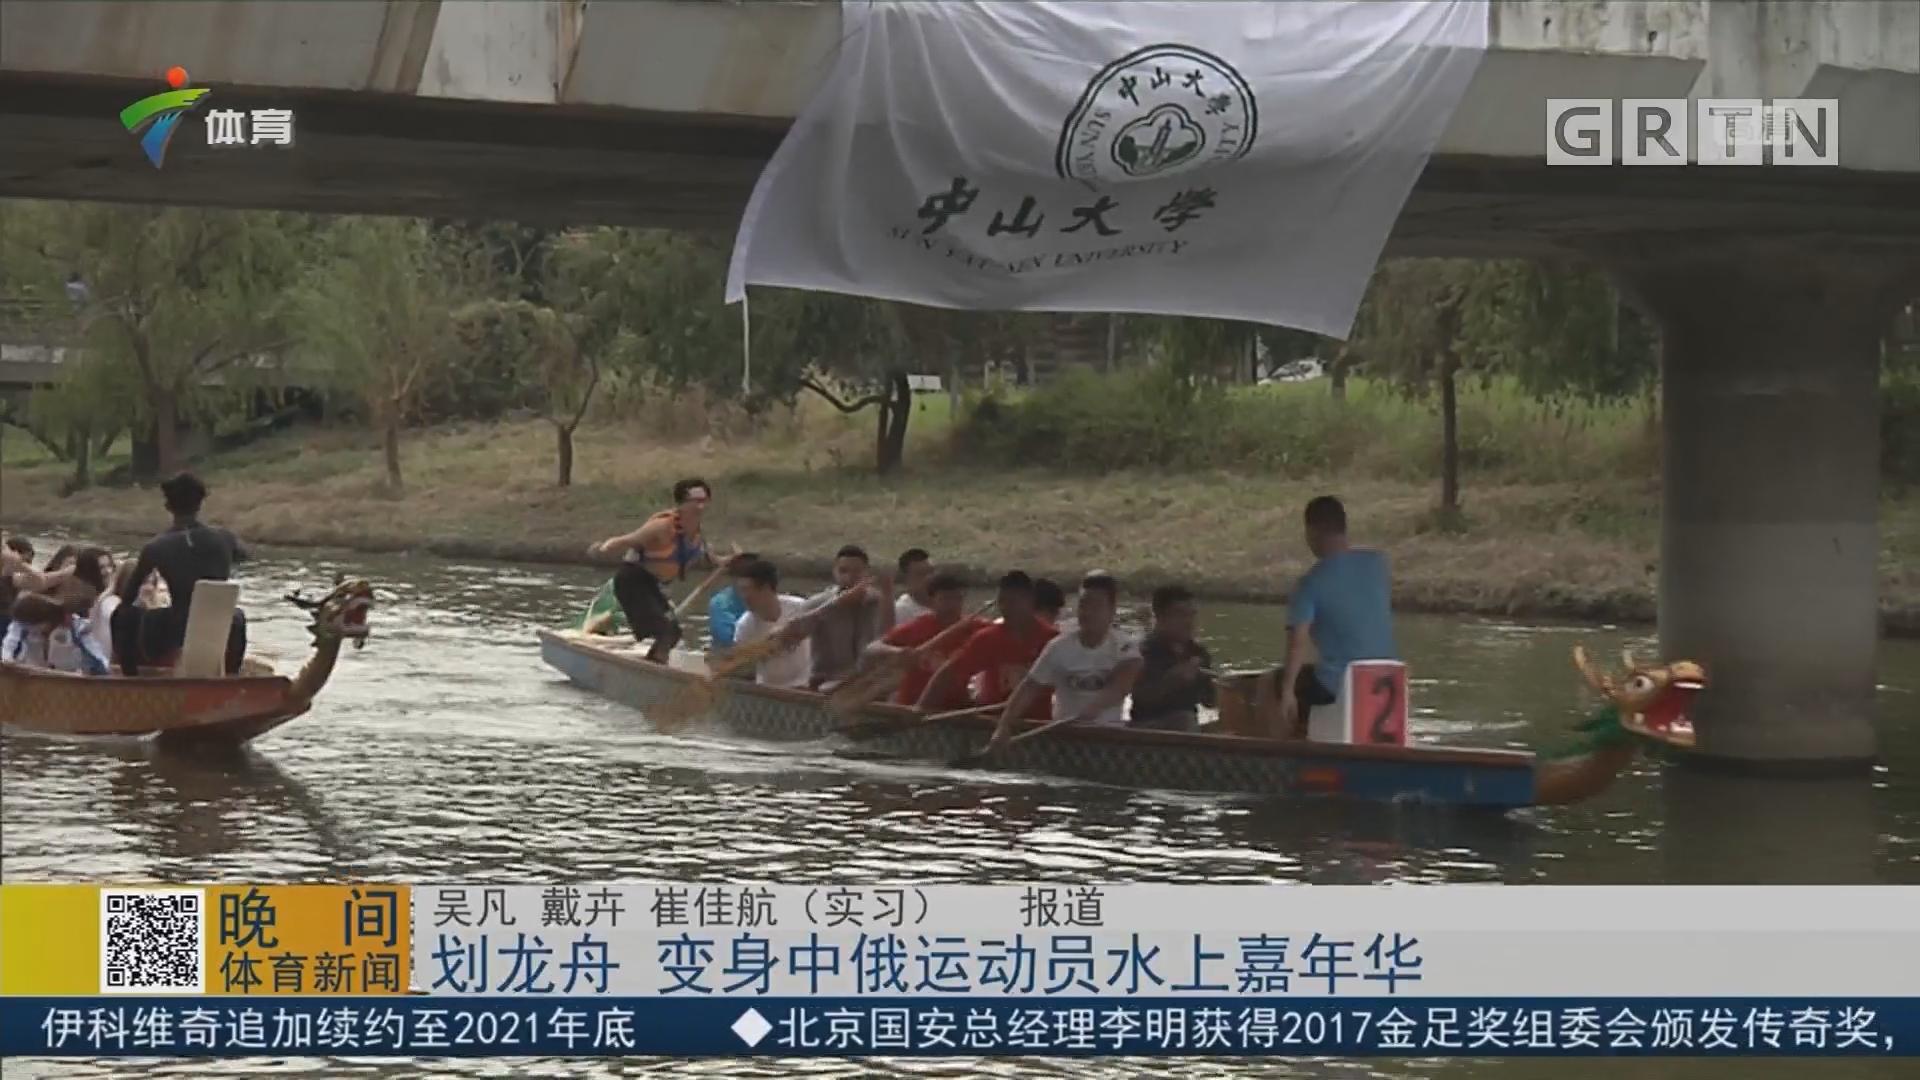 划龙舟 变身中俄运动员水上嘉年华